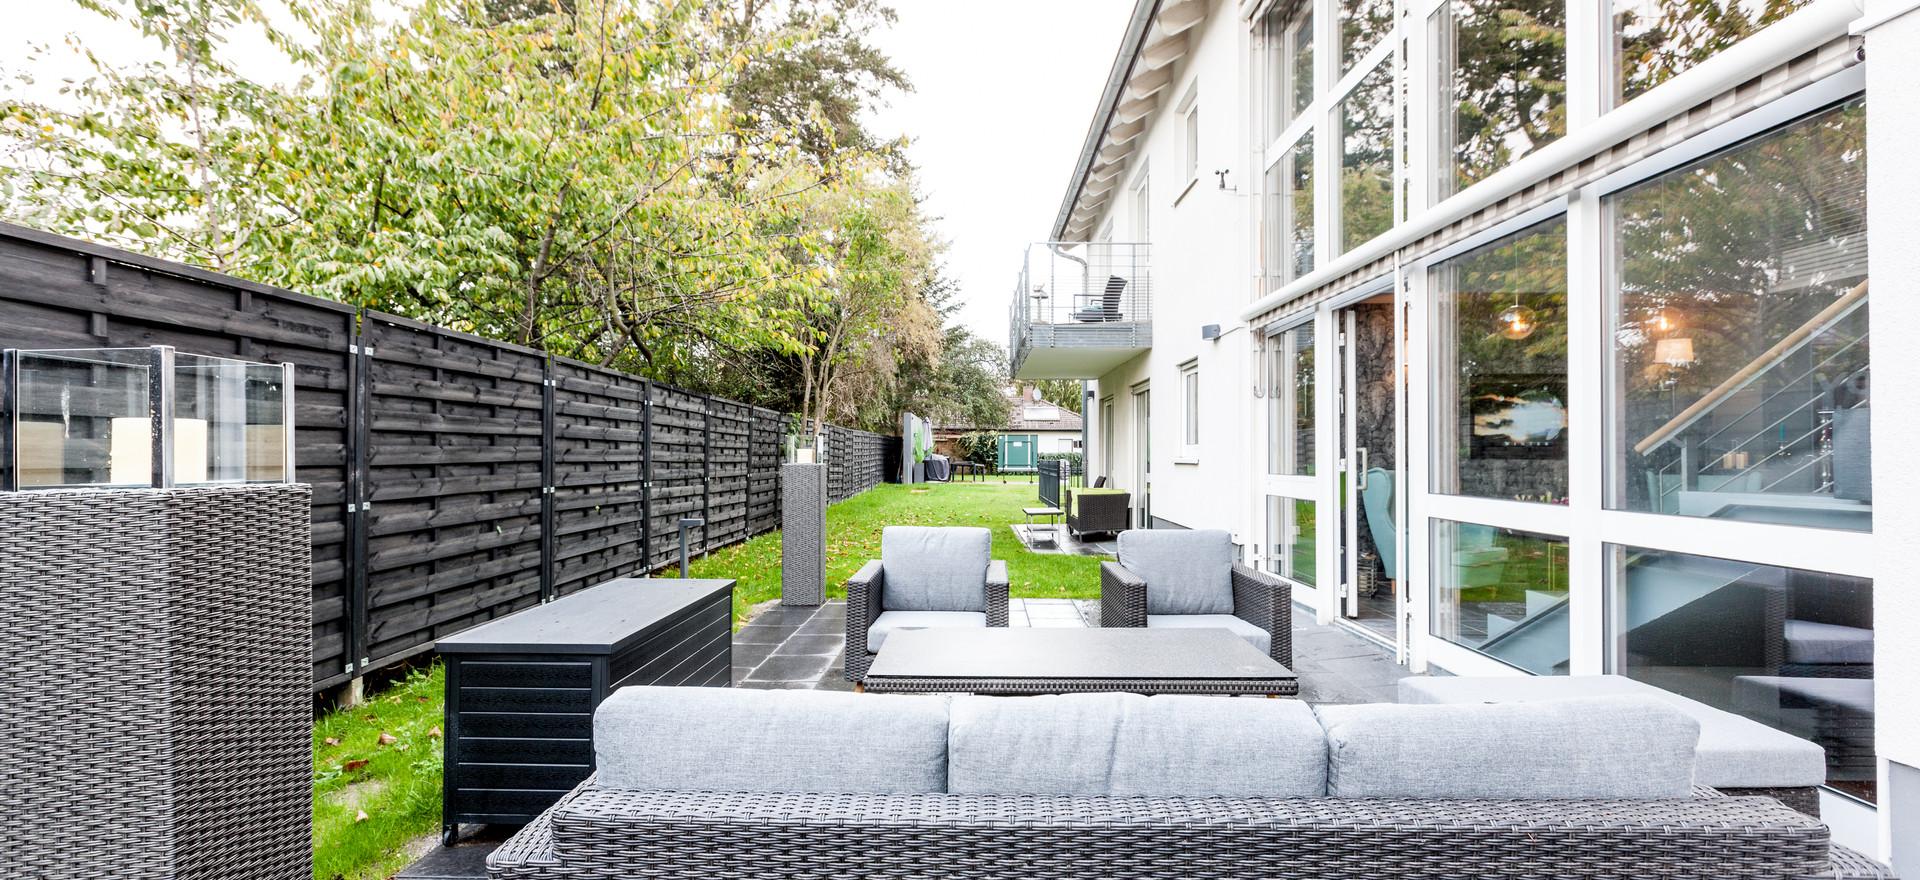 Garten (Terrasse)